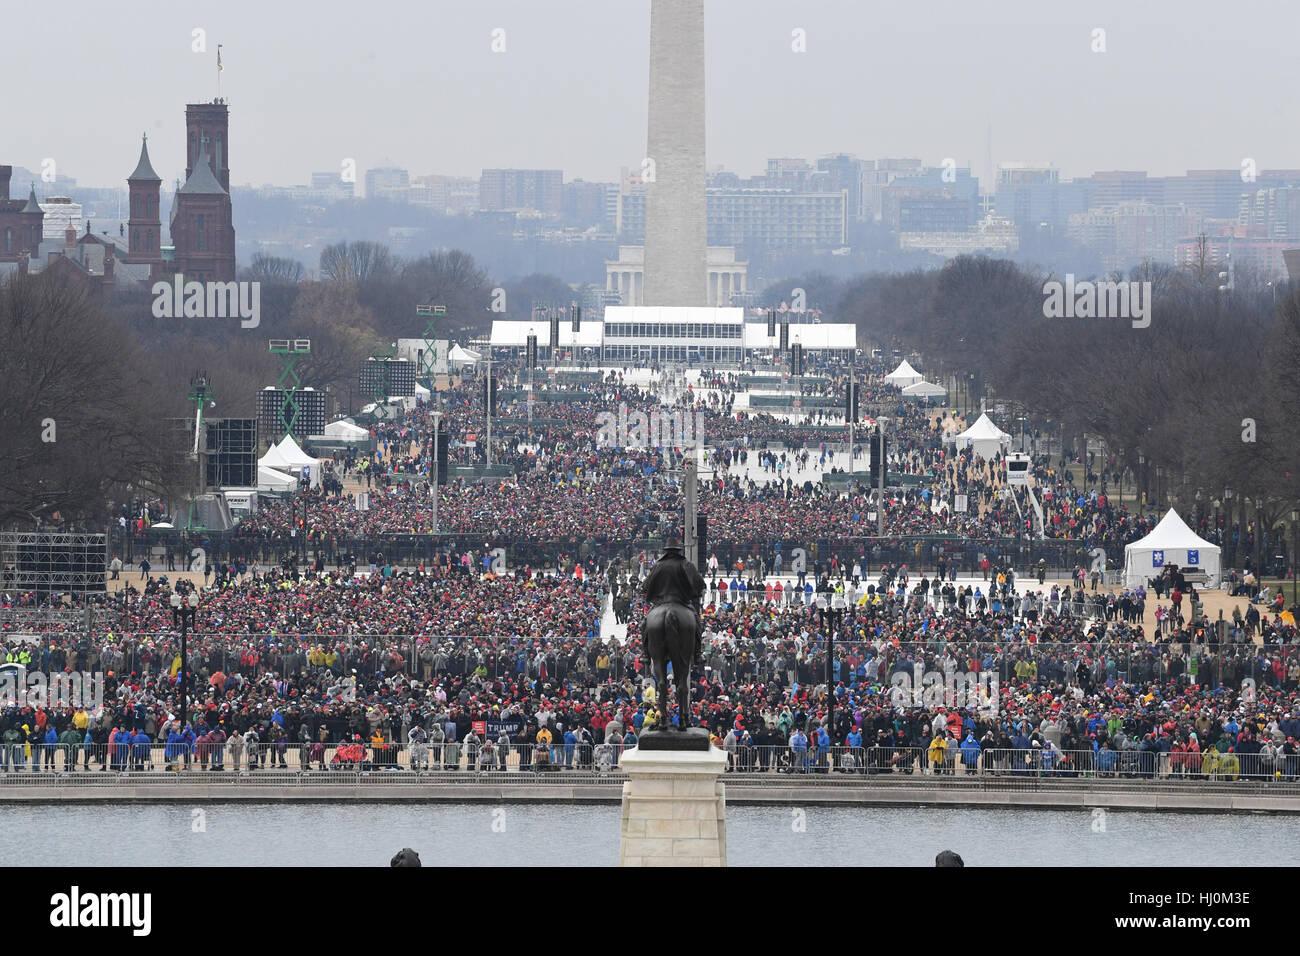 Spettatori riempire al National Mall a testimoniare la cerimonia di insediamento del presidente Donald Trump on Immagini Stock